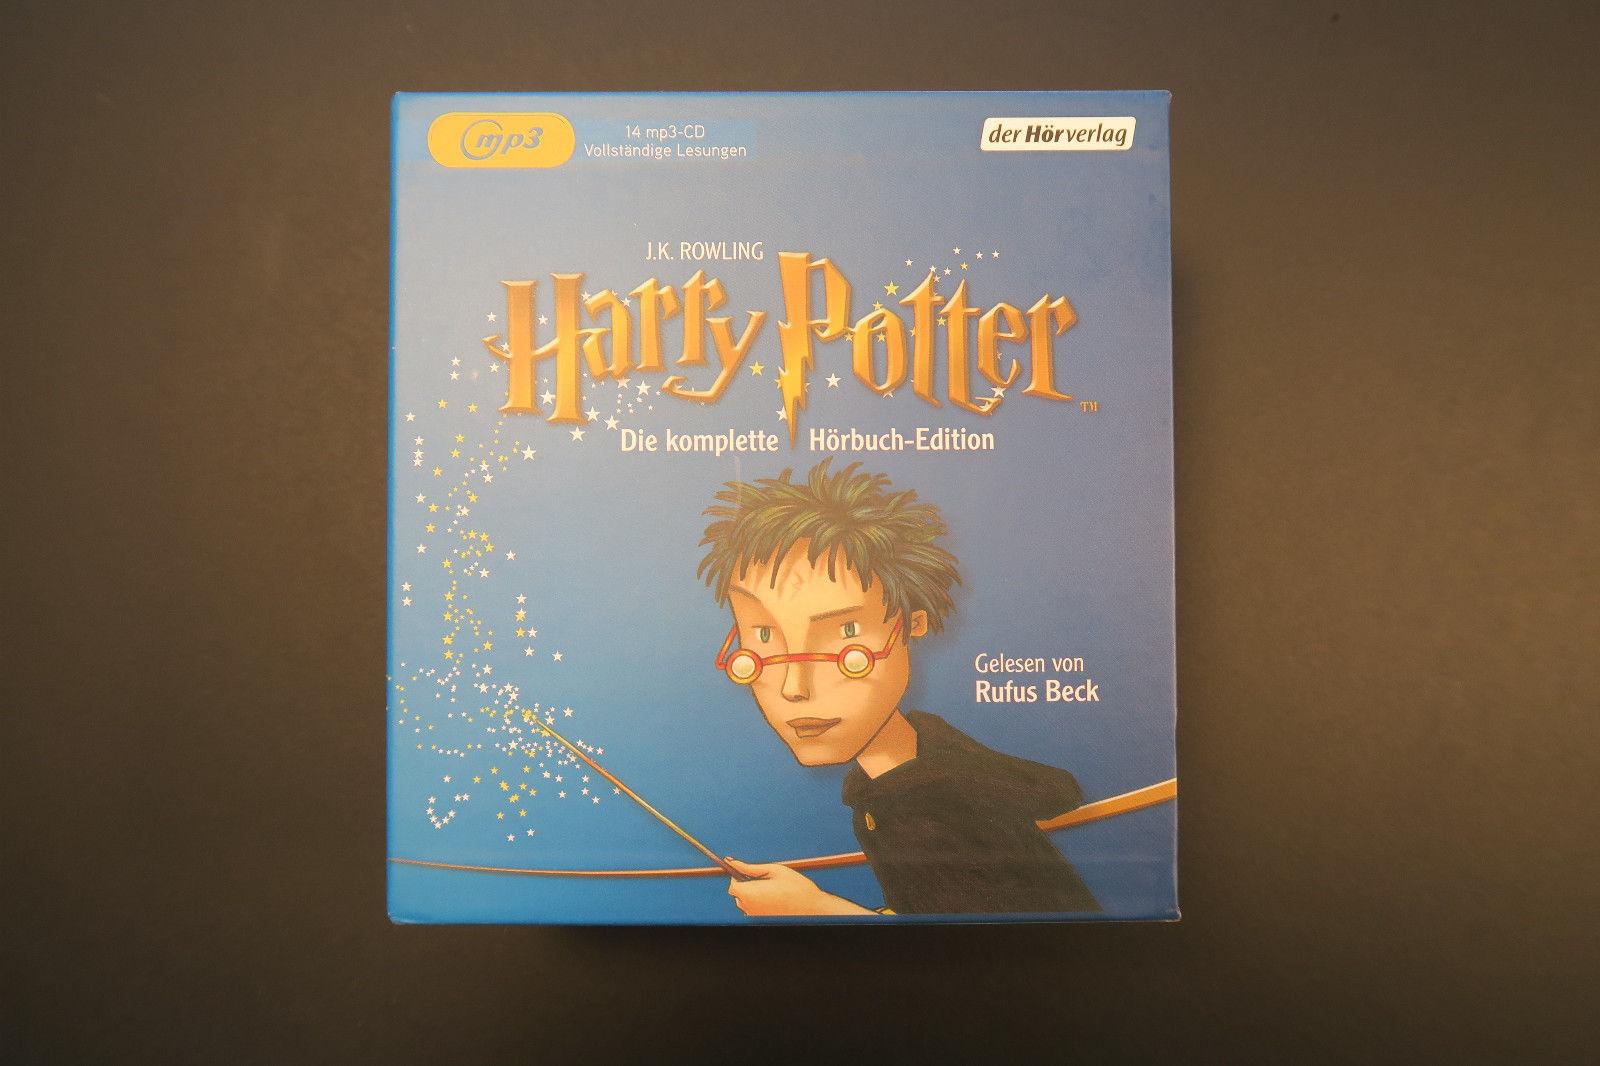 Harry Potter - Die komplette Hörbuch-Edition - 14 MP3-CD - Kinder/Jugend